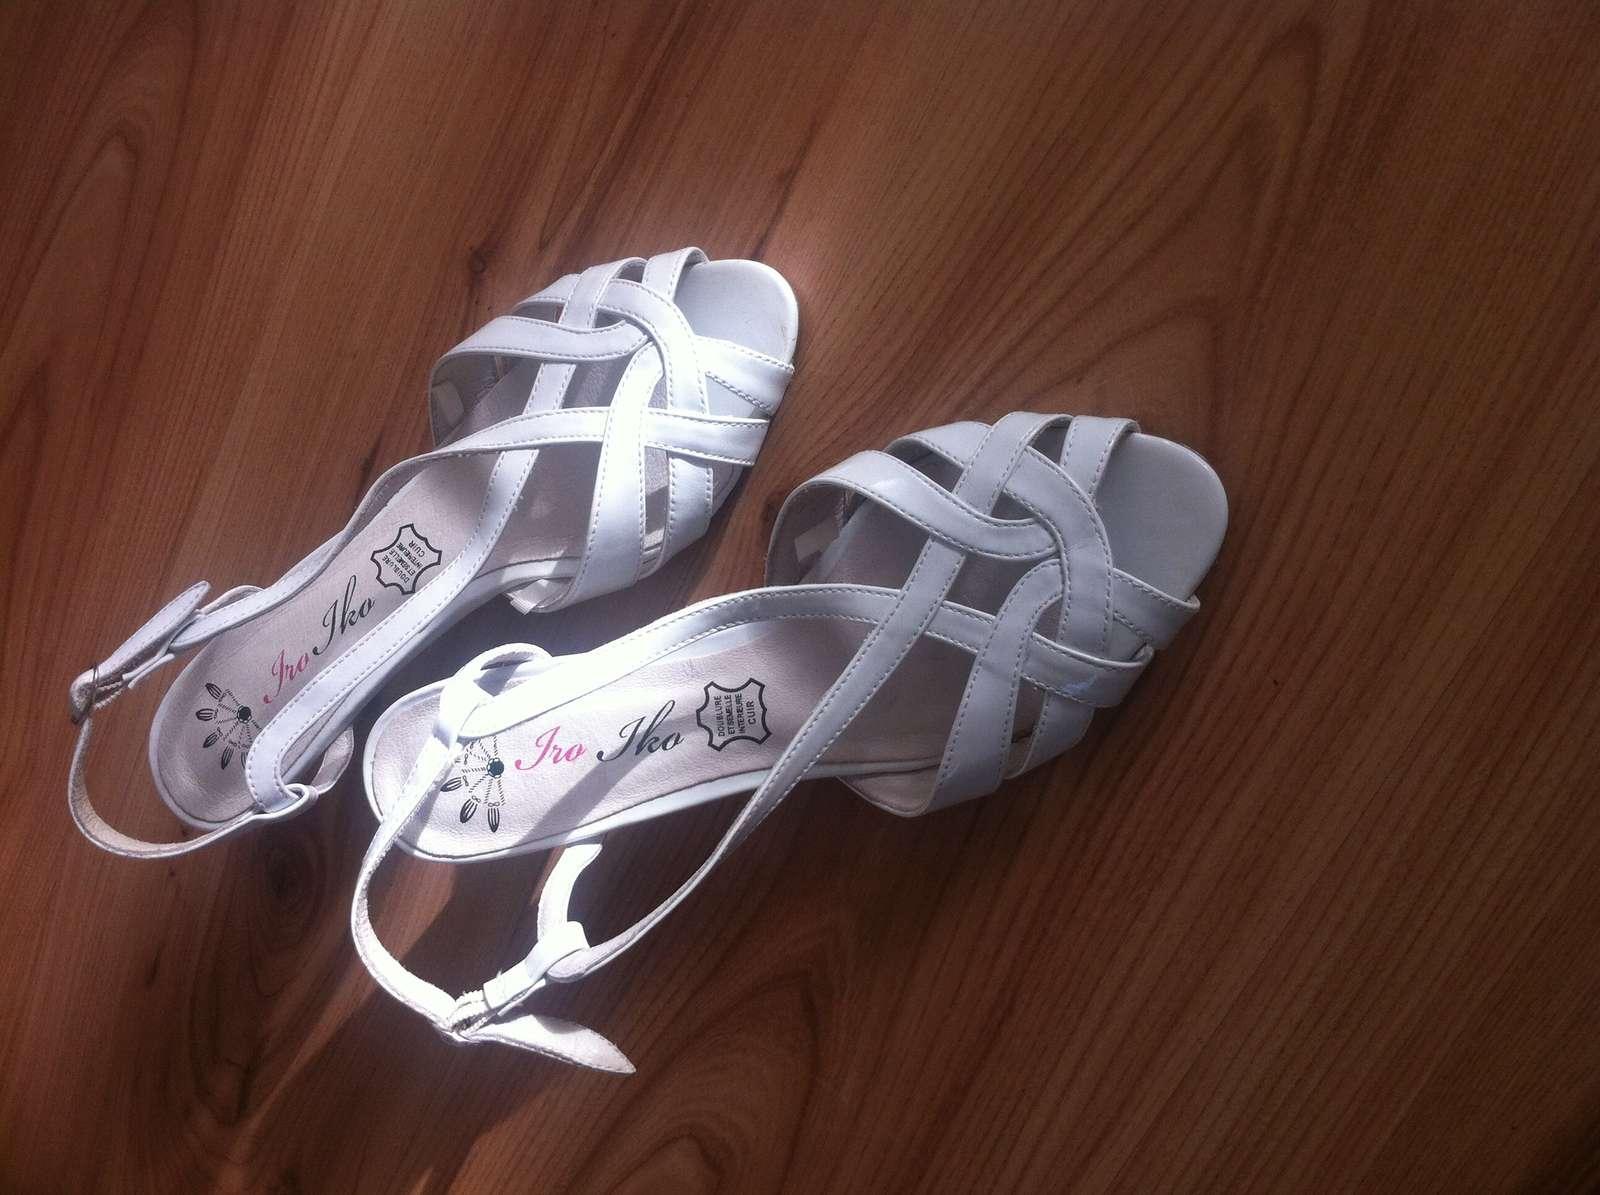 Pohodlne sandalky - Obrázok č. 1